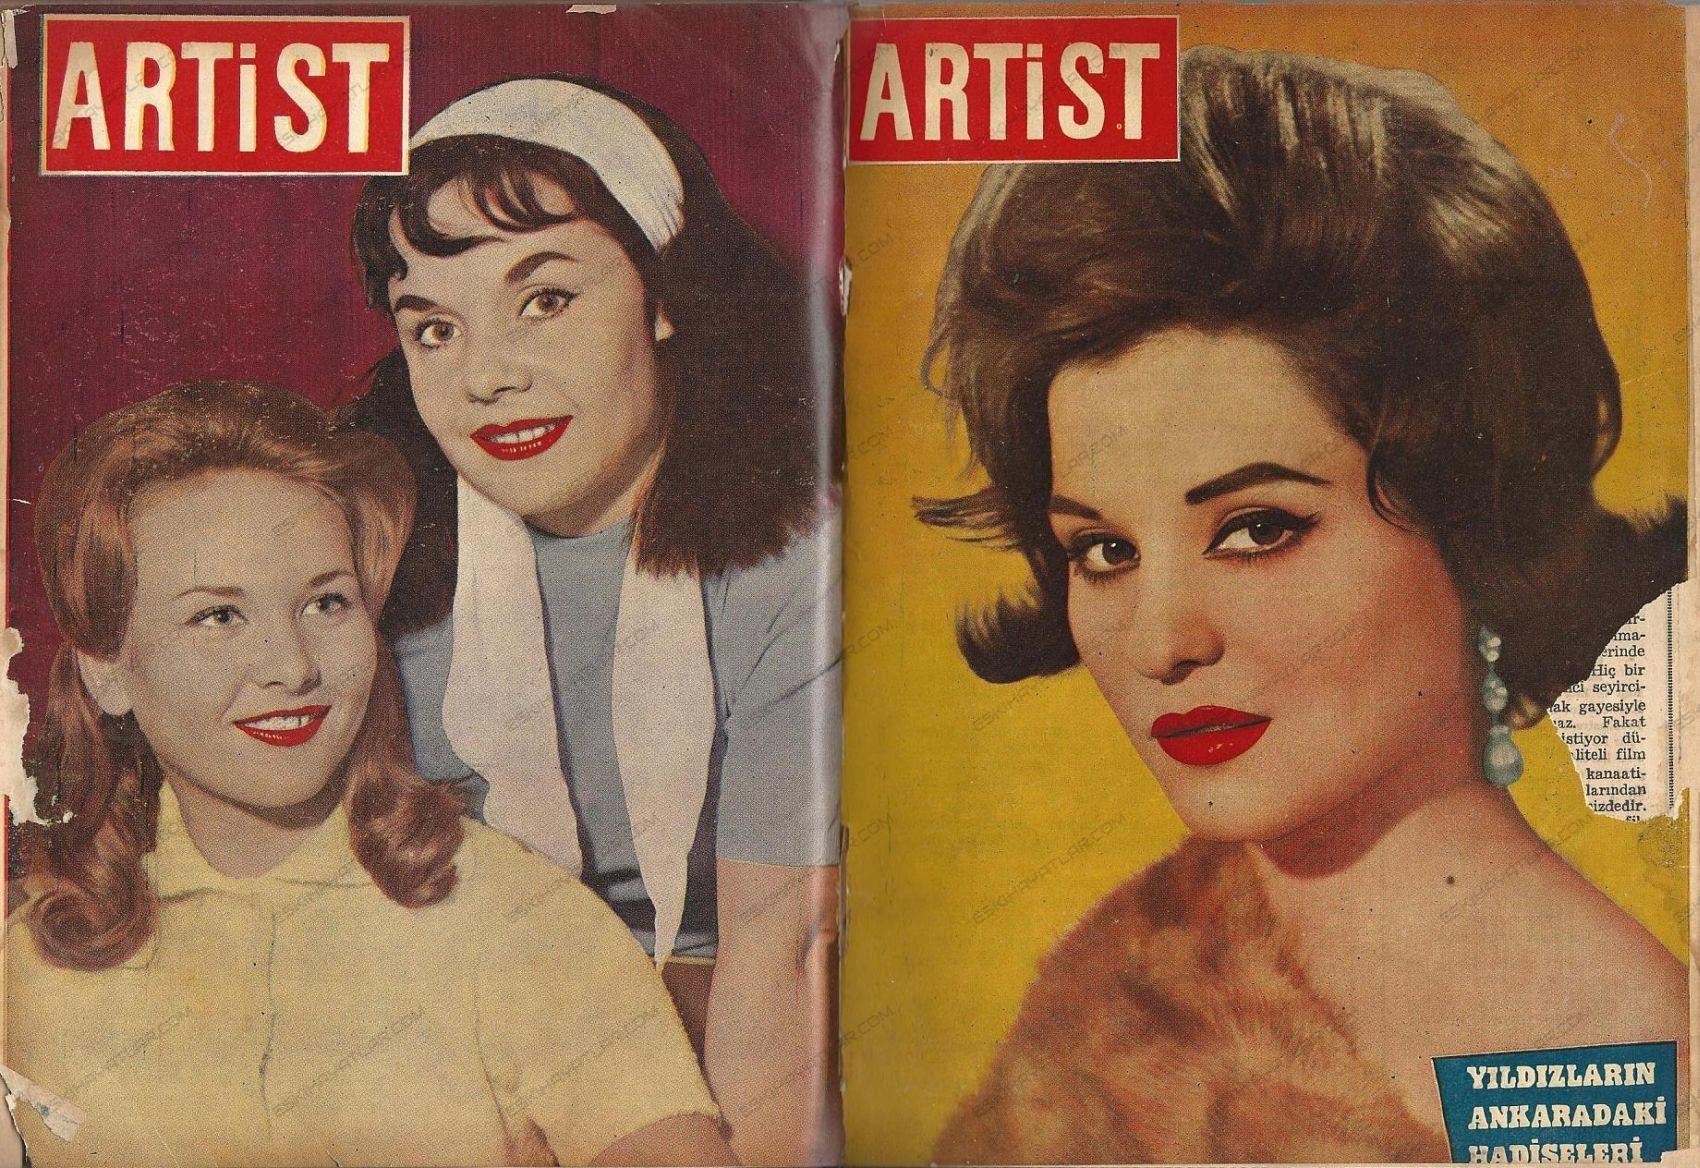 0248-artist-dergisi-arsivleri-1961-yilinda-sinema-dergileri (2)